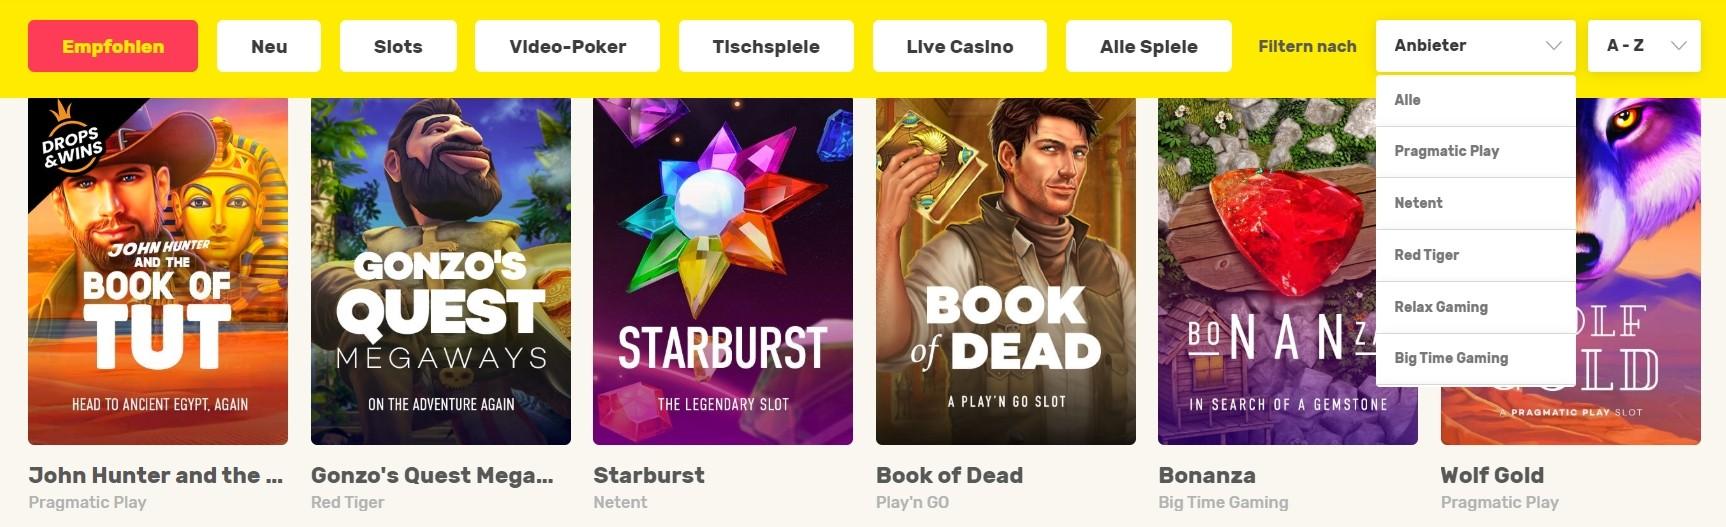 JustSpin Casino Spielauswahl und Software-Anbieter